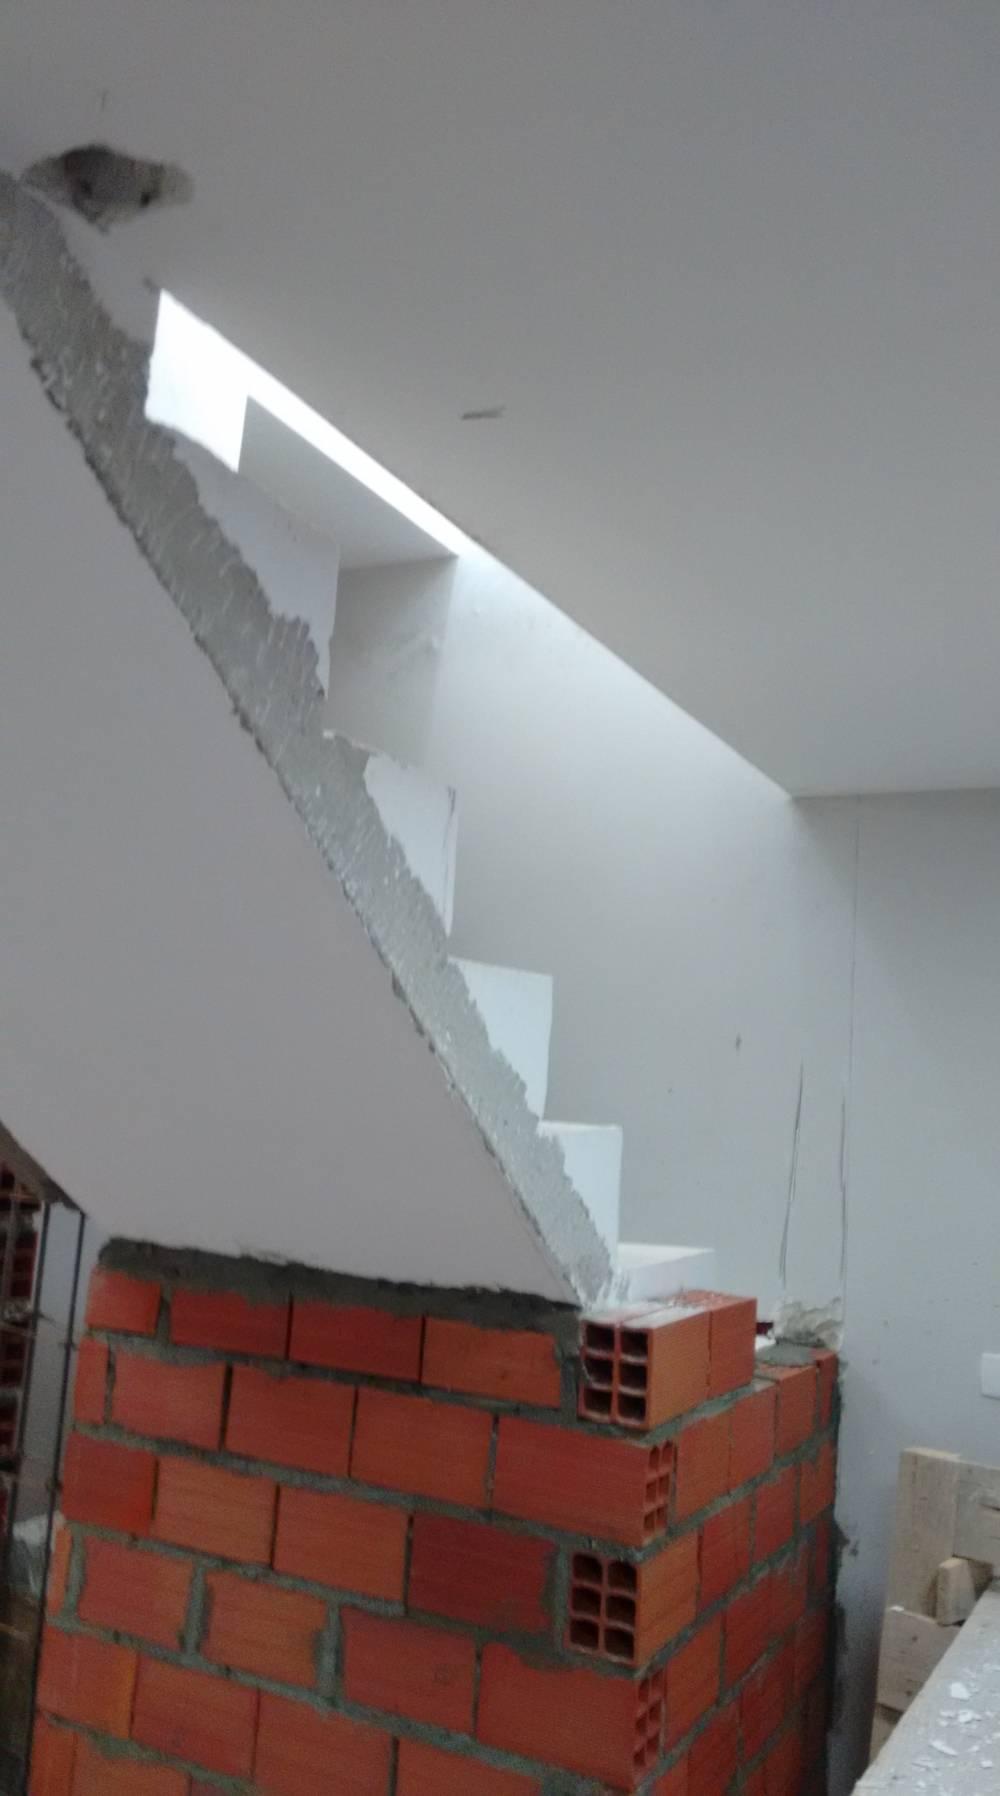 Preciso de Empresa de Reparo em Residências na Vila Assis Brasil - Serviços de Reparos Residenciais